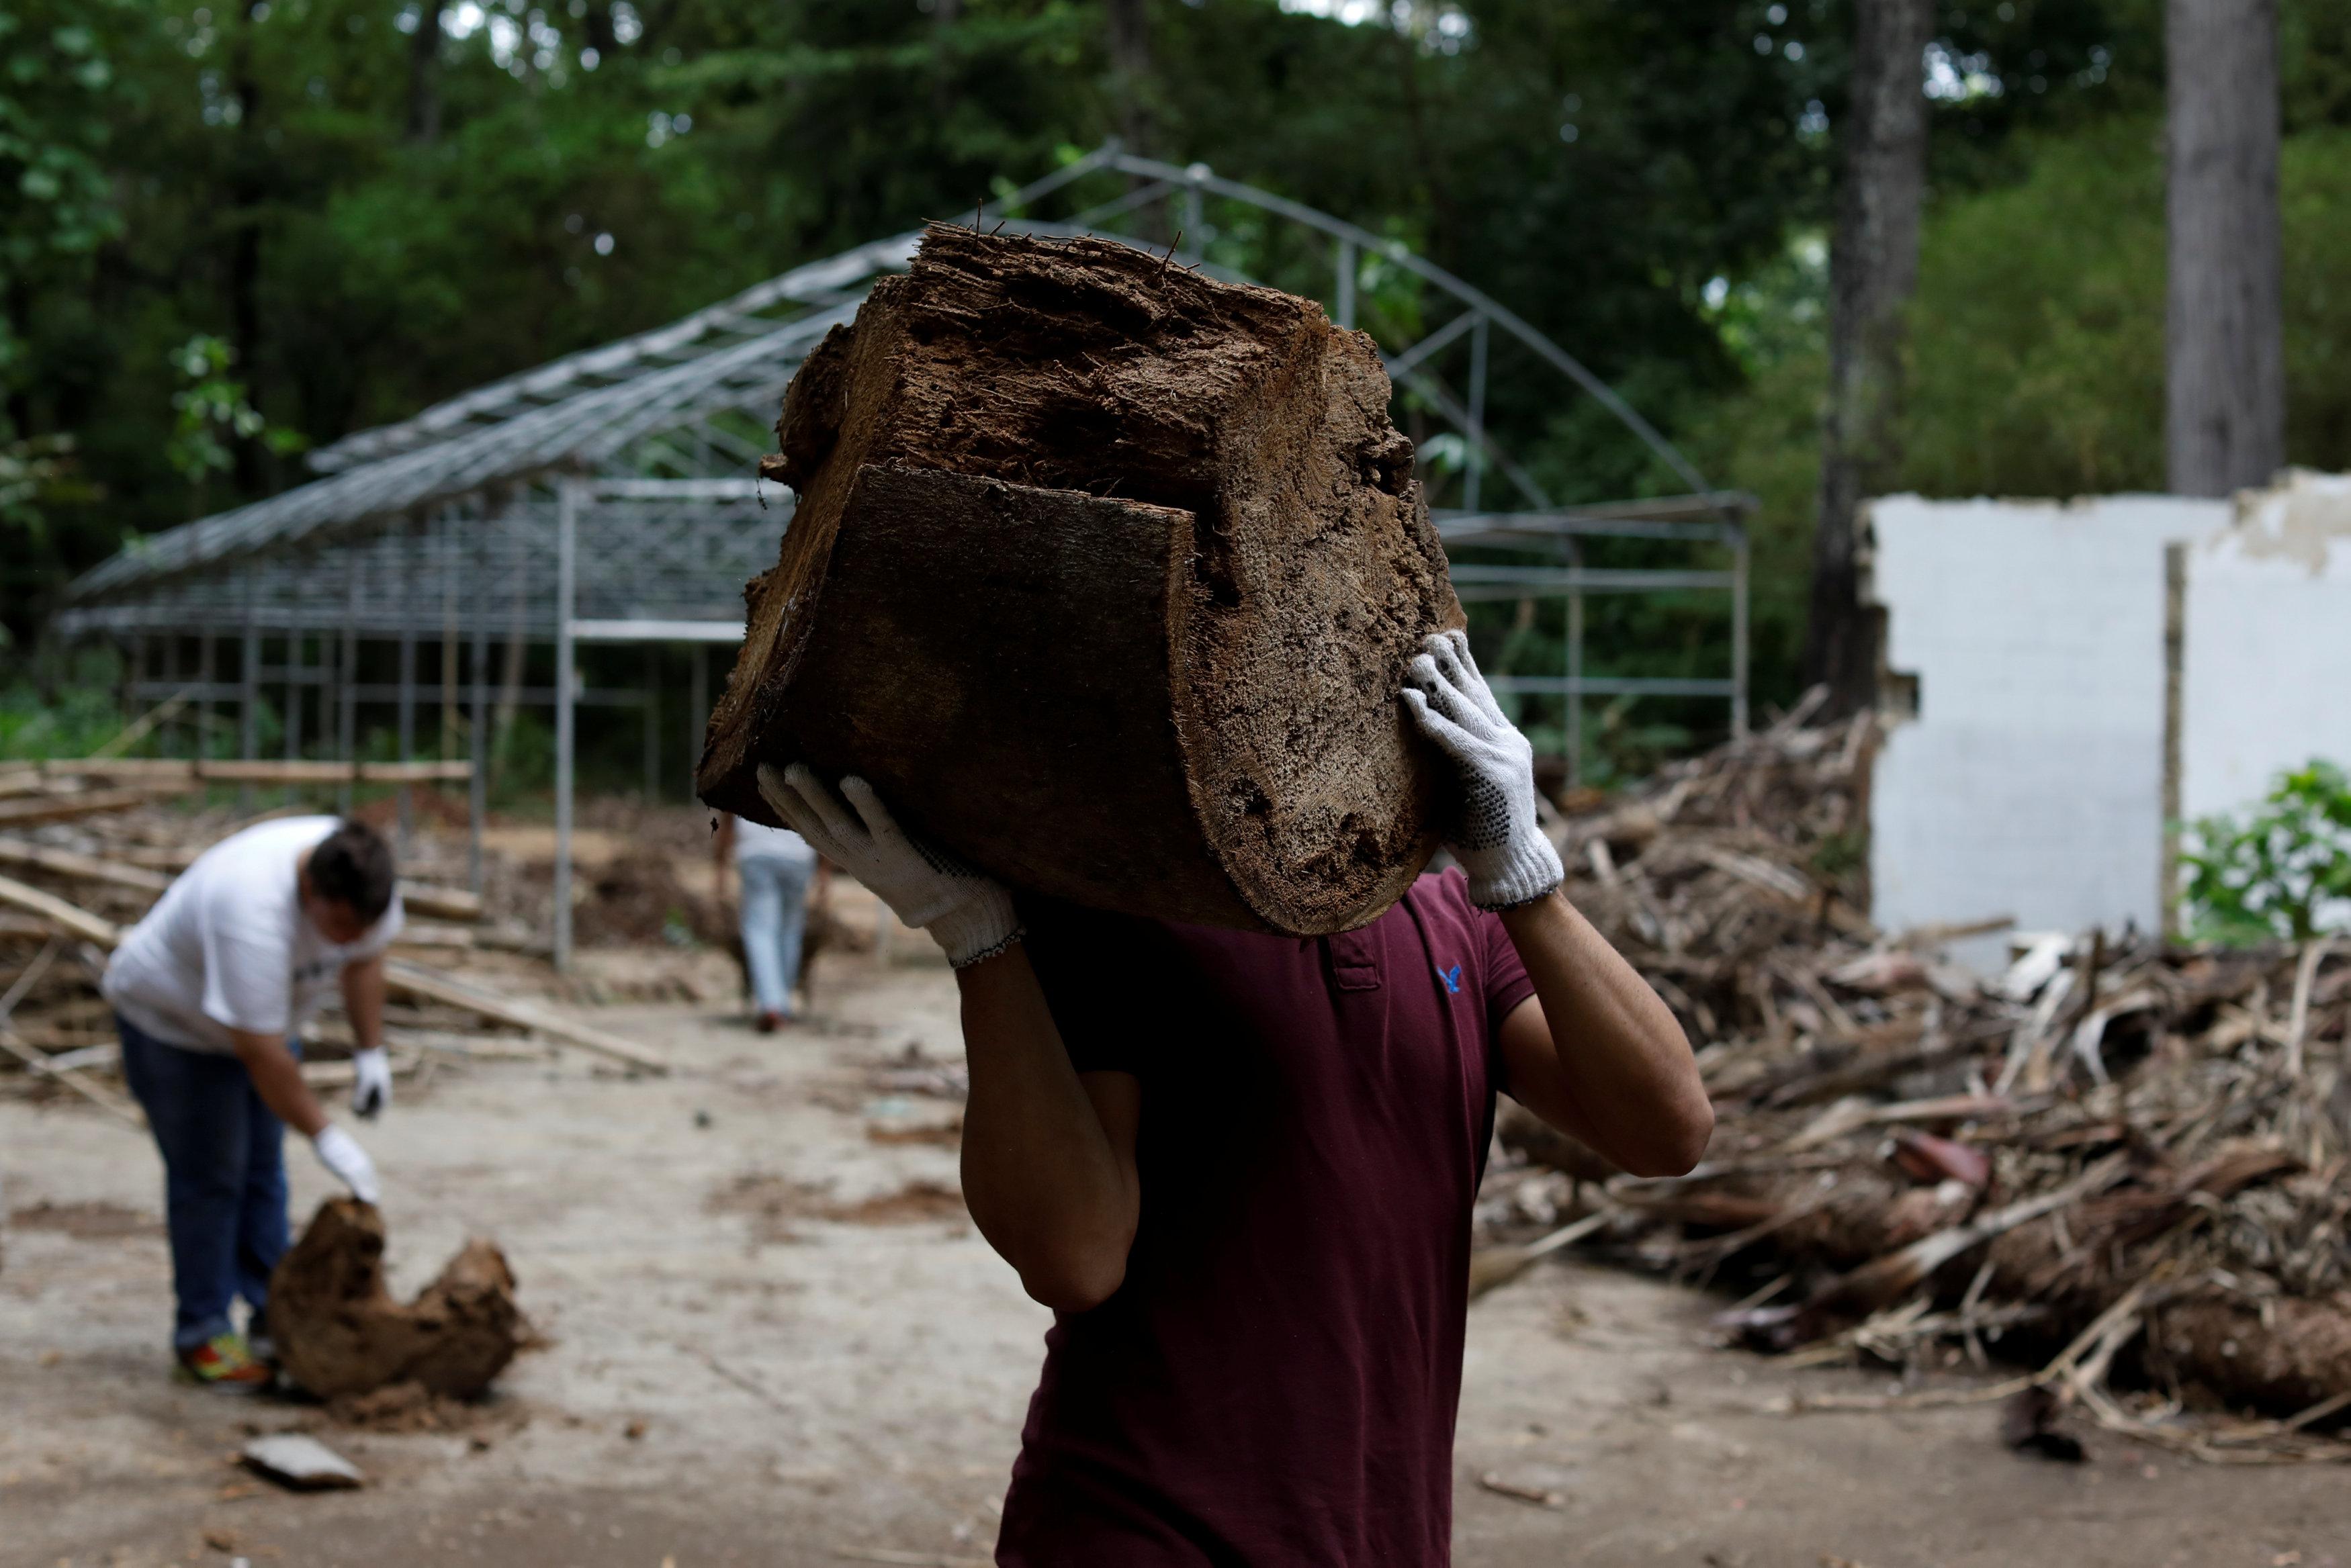 Voluntarios intentan darle mantenimiento al lugar